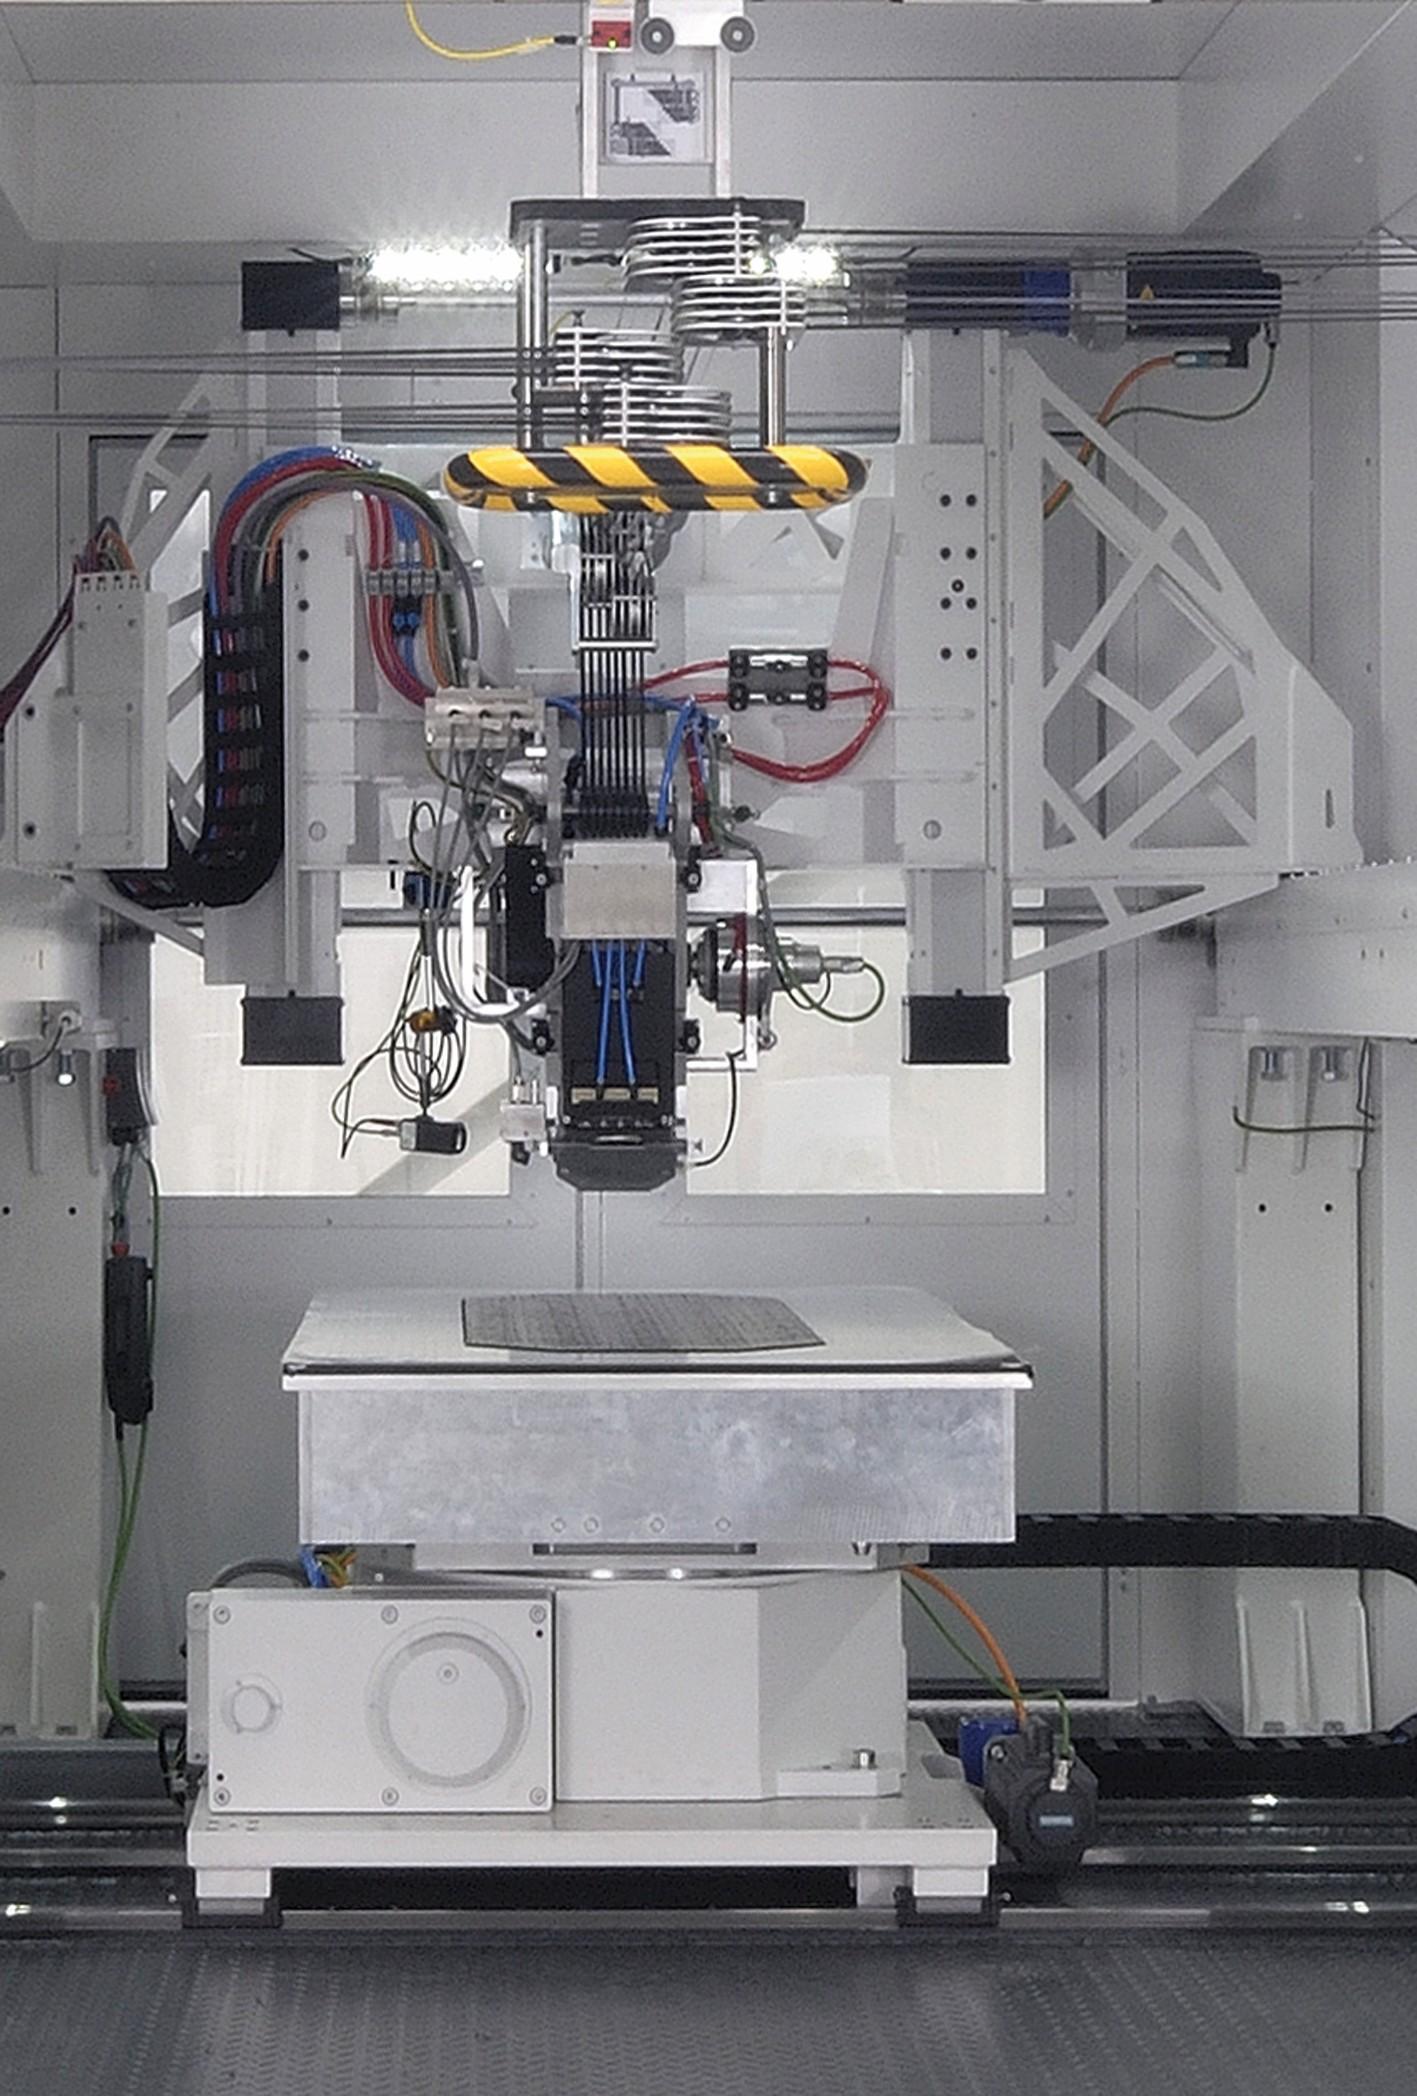 Bild 2: Eine High-End-CNC-Steuerung Sinumerik 840D sl von Siemens koordiniert das Zusammenspiel der vier Servoachsen des Verlegekopfs und des Maschinentischs – sowie sämtlicher Zusatzeinrichtungen wie Spulenantriebe, Messer, Klimatisierung und Heizung. (Bild: Broetje-Automation)